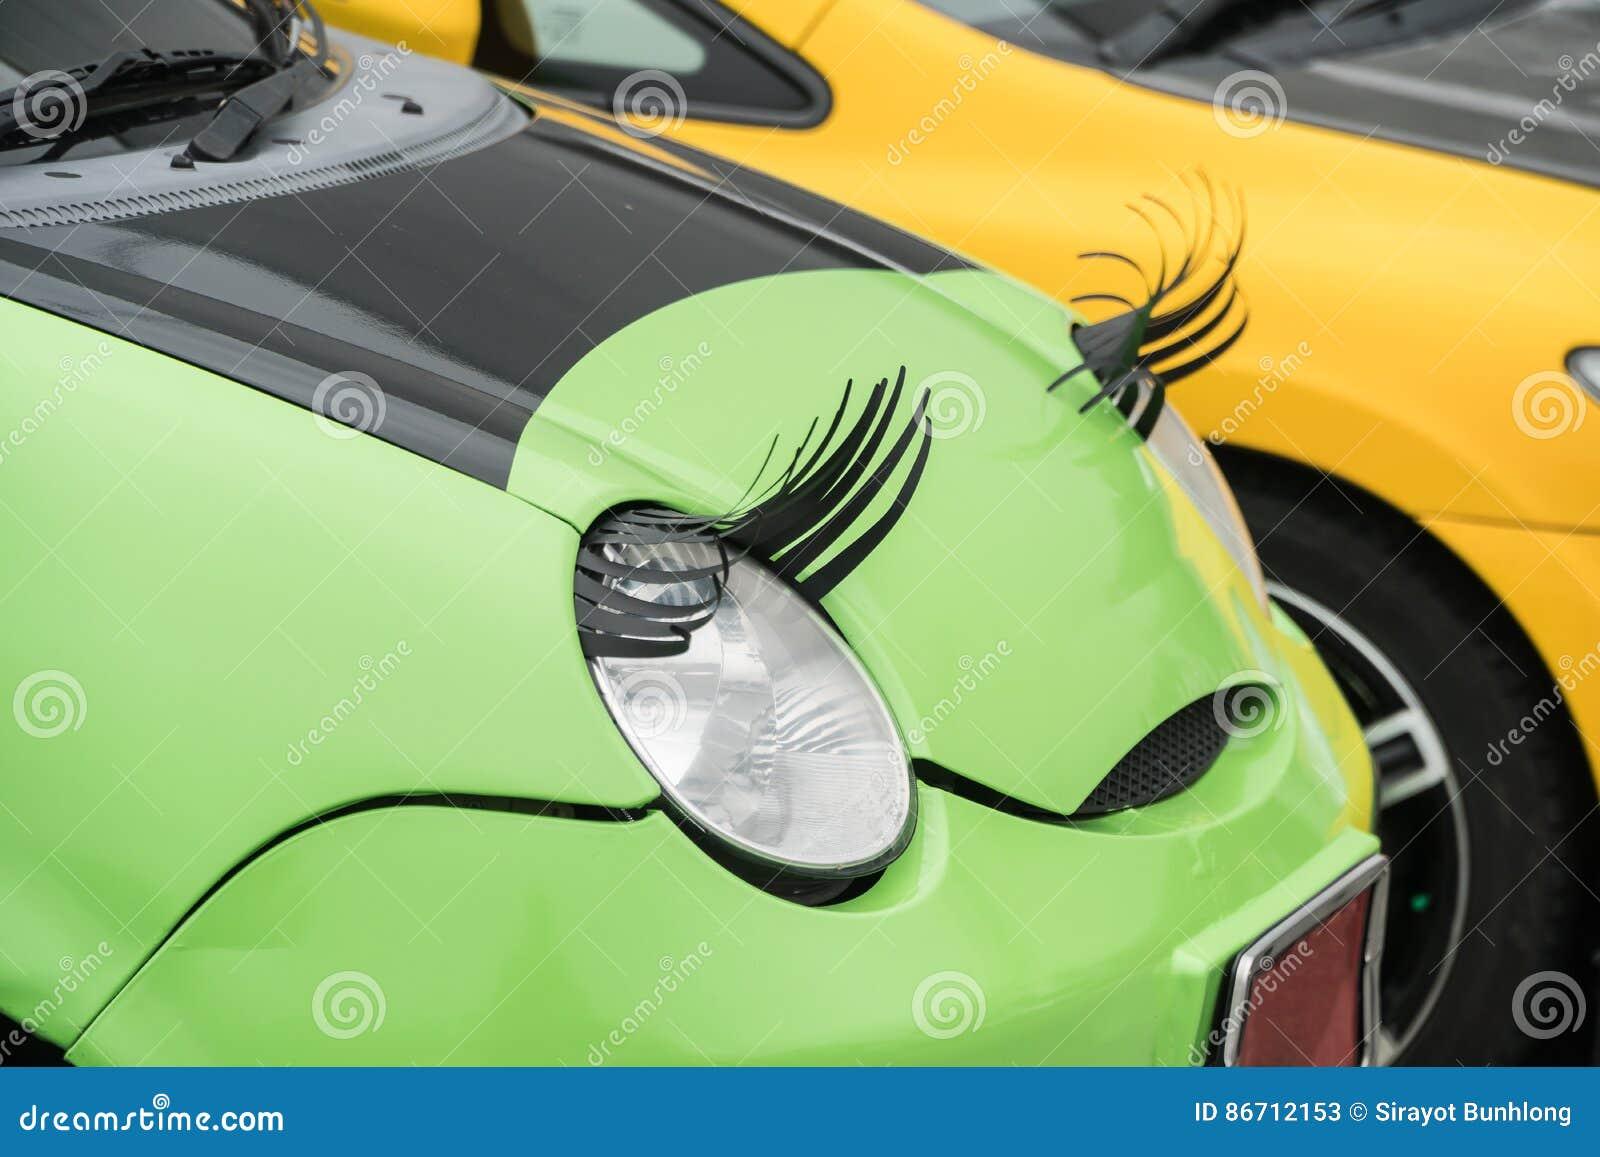 Car With Eyelashes On Headlightsas Feminine Symbol Stock Image